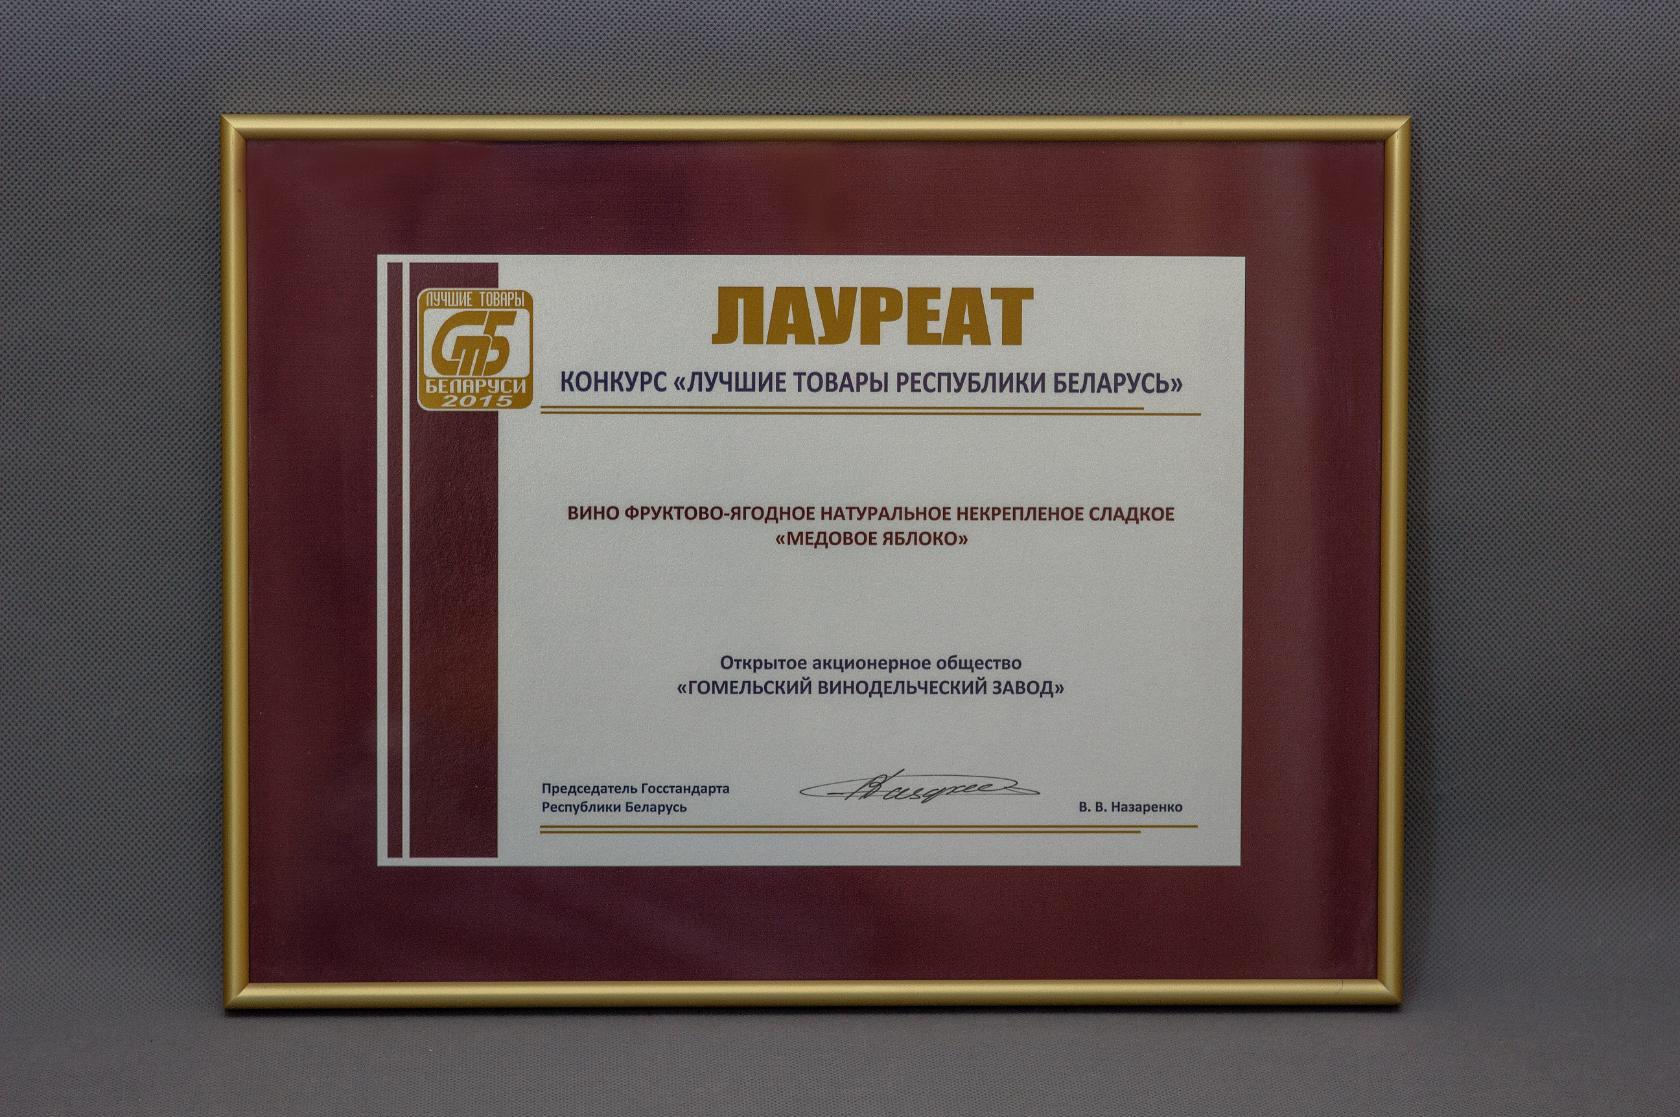 Лучшие товары Республики Беларусь 2015